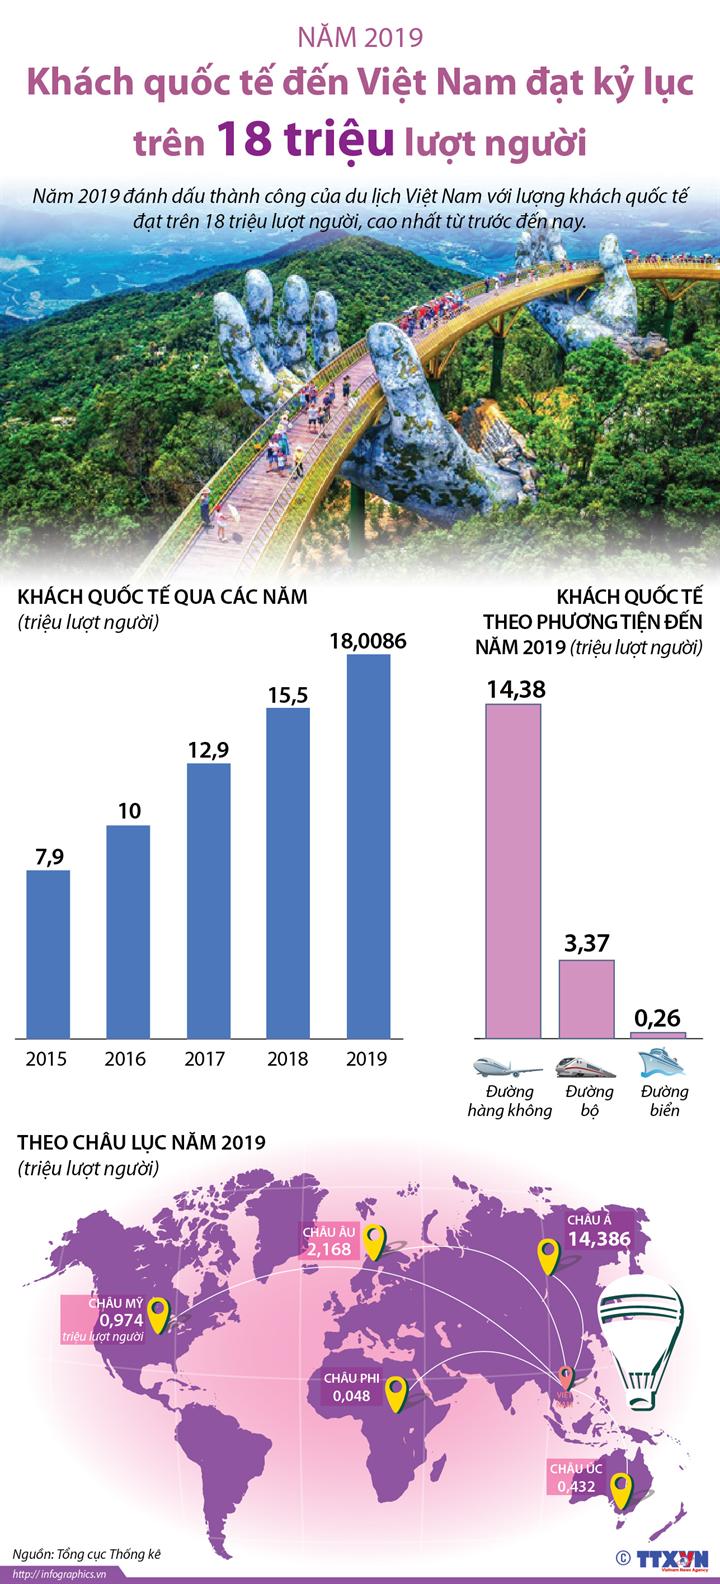 Năm 2019: Khách quốc tế đến Việt Nam đạt kỷ lục trên 18 triệu lượt người